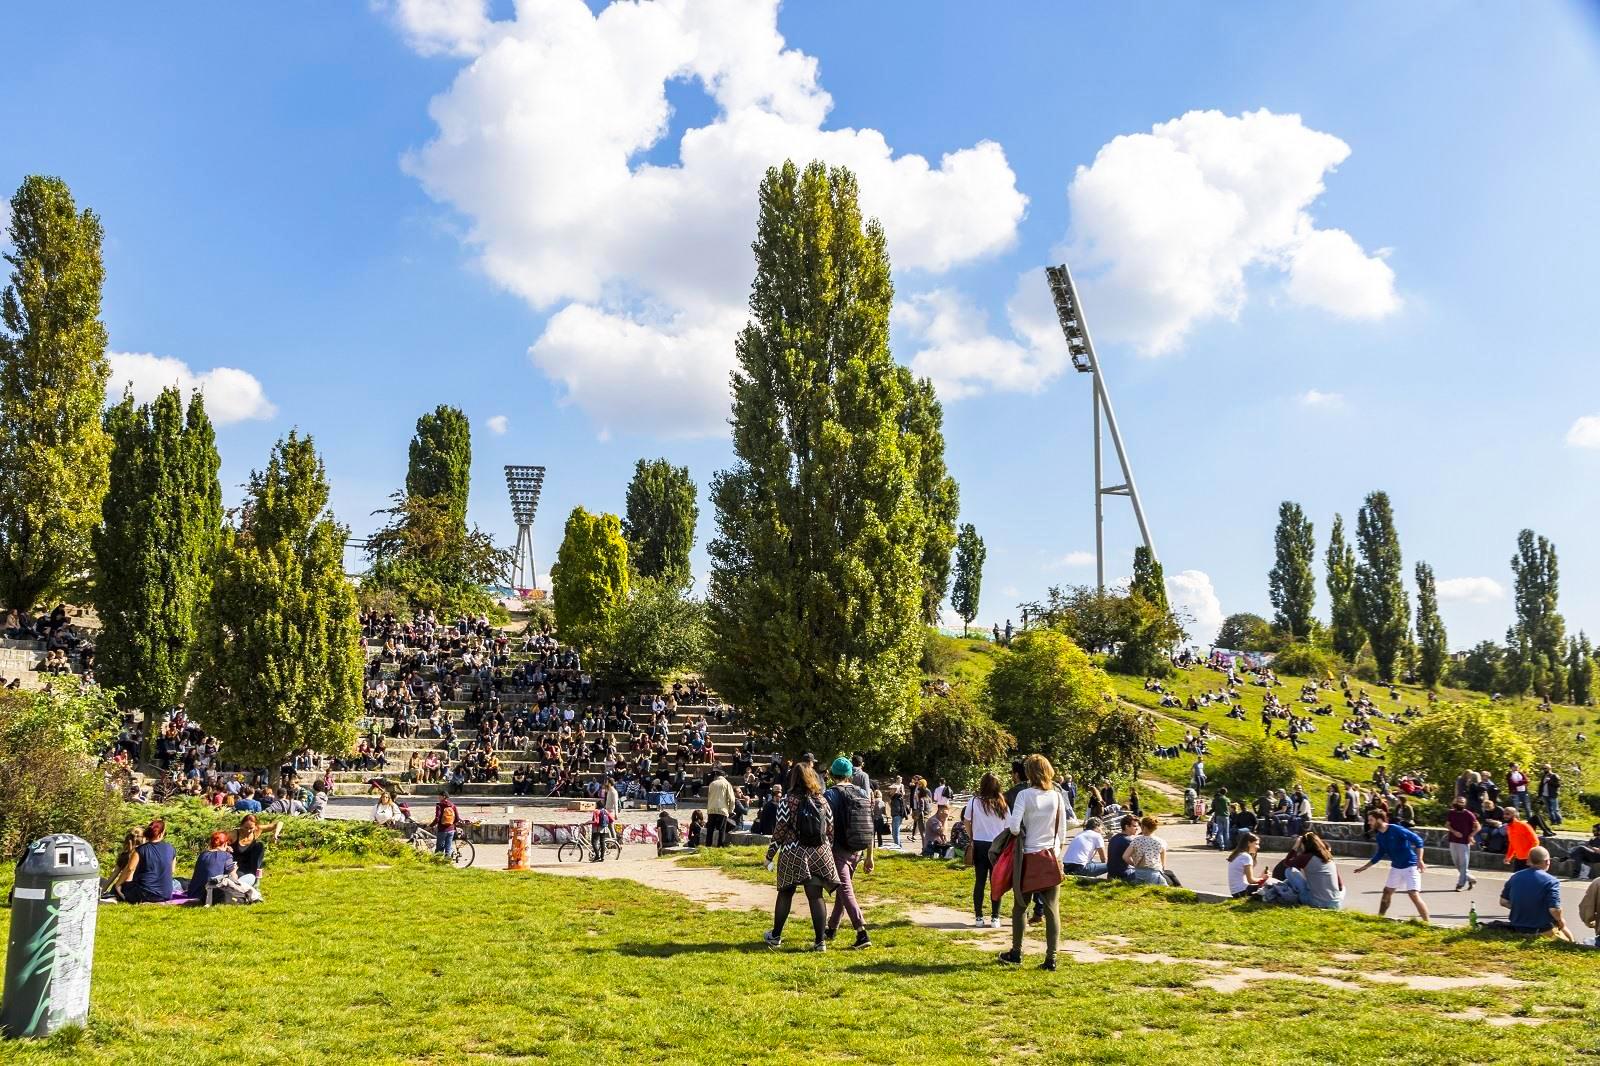 фото: https://www.reisroutes.nl/blog/berlijn/citytrip-berlijn-planning/